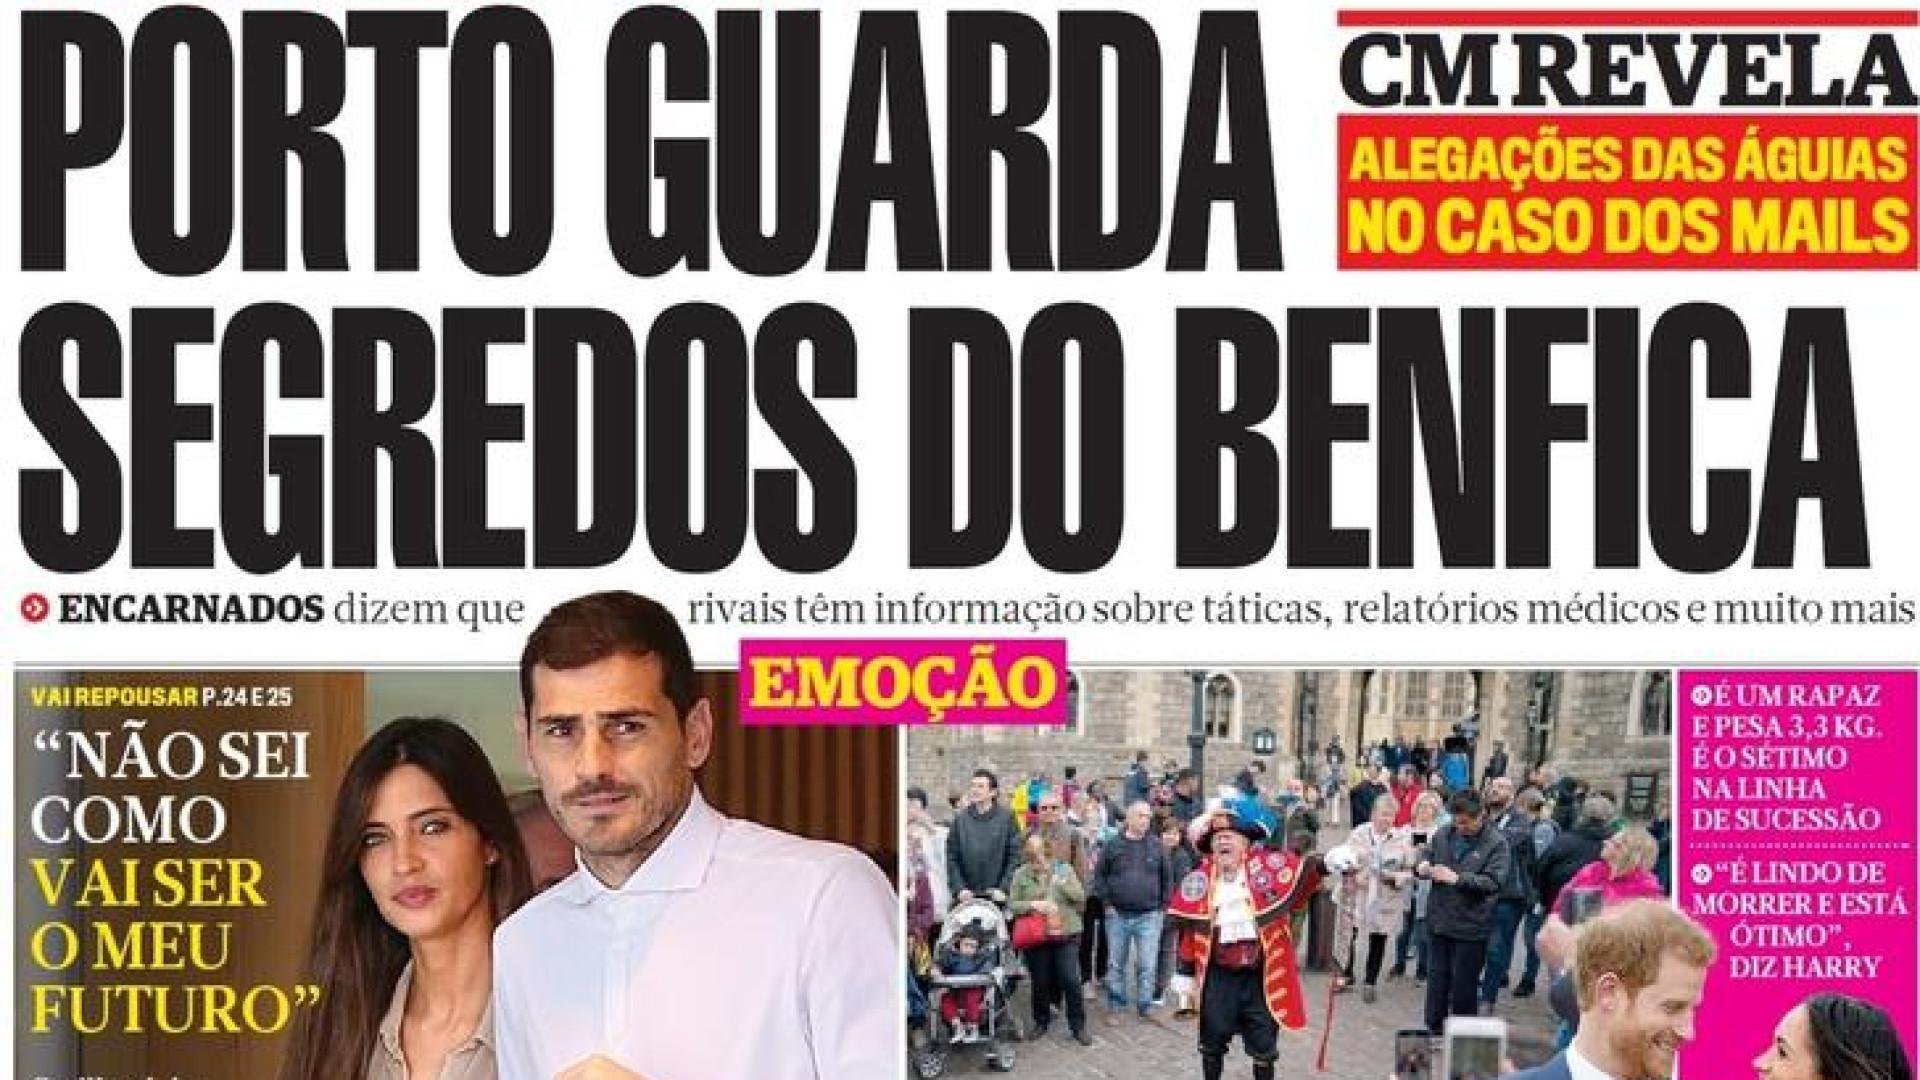 a356eec4693 Hoje é notícia  FC Porto guarda segredos do Benfica  Mais ataques de cães